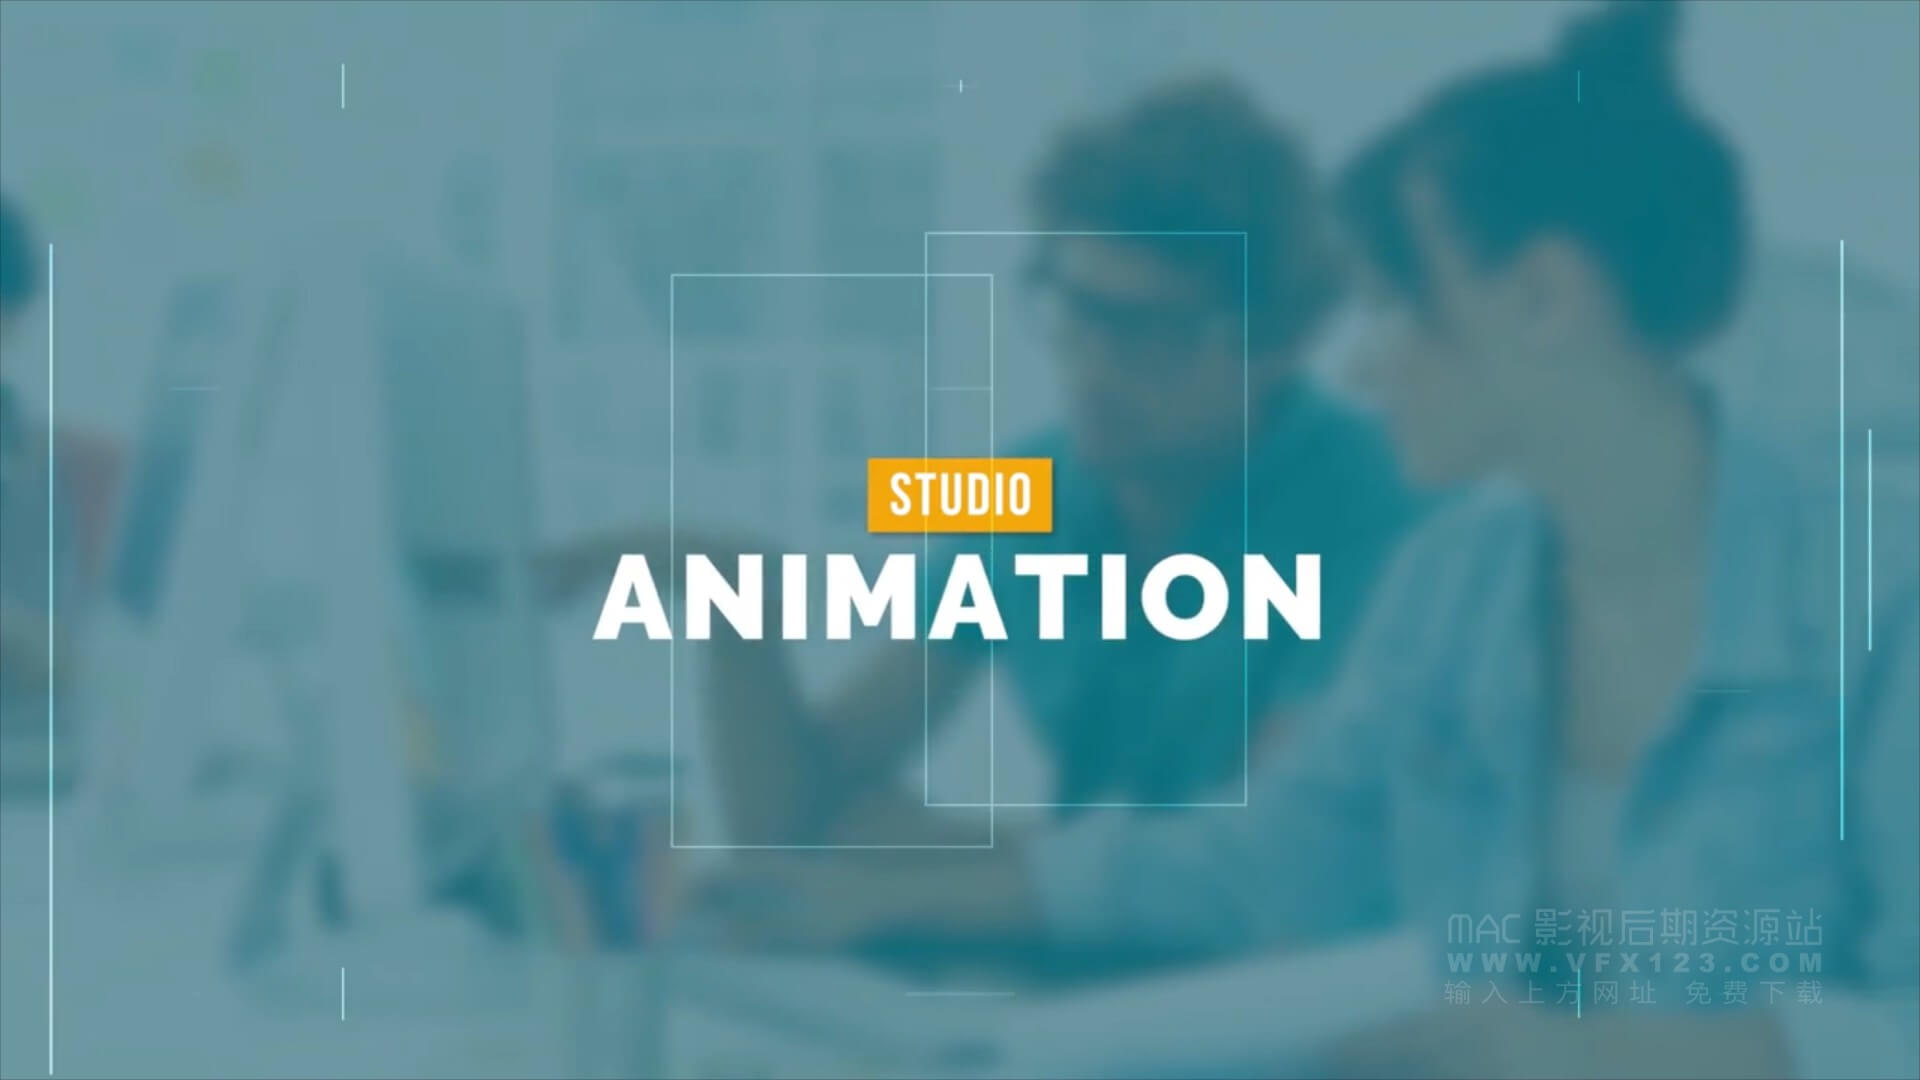 Fcpx插件 30种现代超酷文字标题设计排版动画+教程